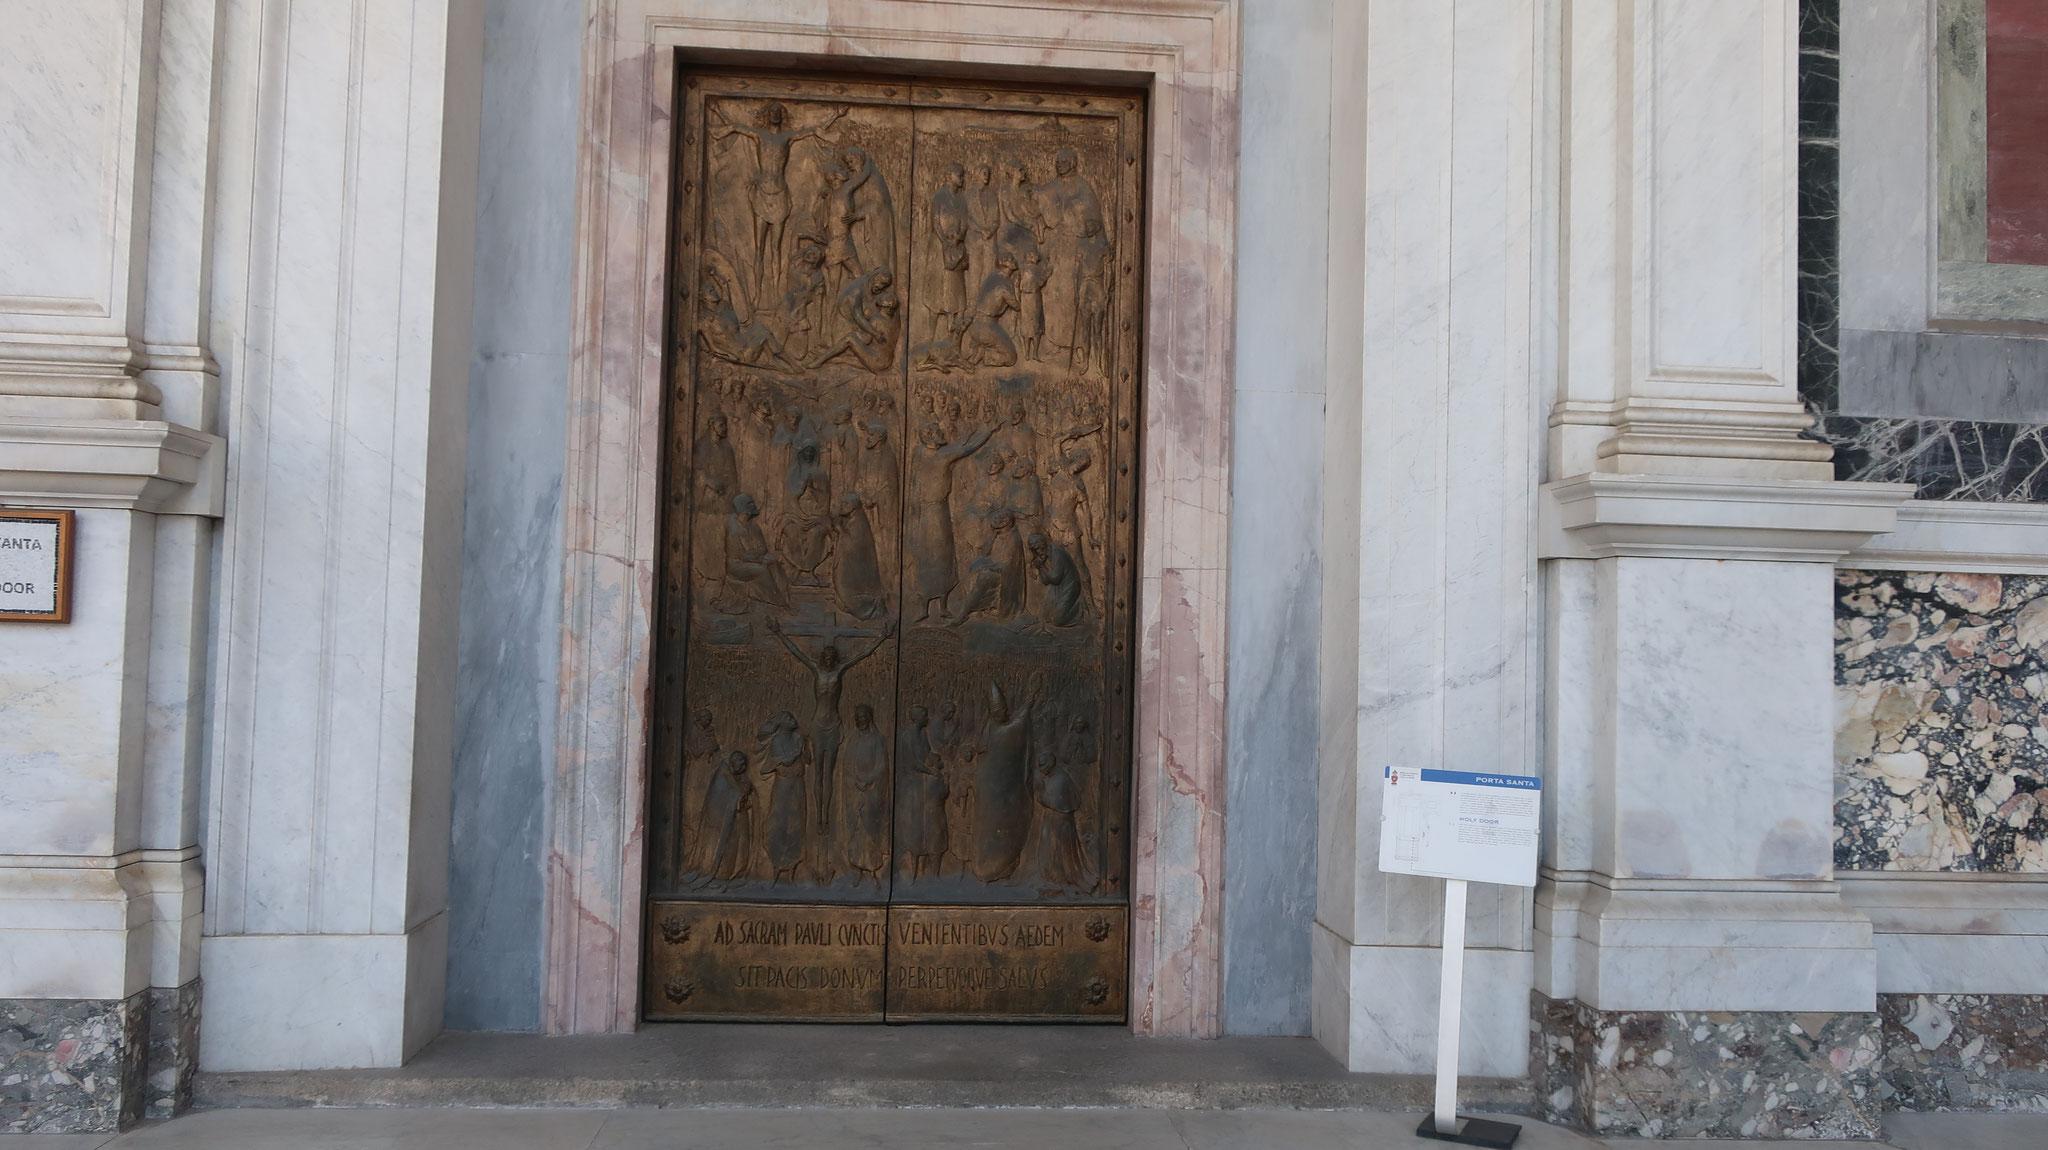 コンスタンティノープルで造られた聖堂の扉「聖なる扉」